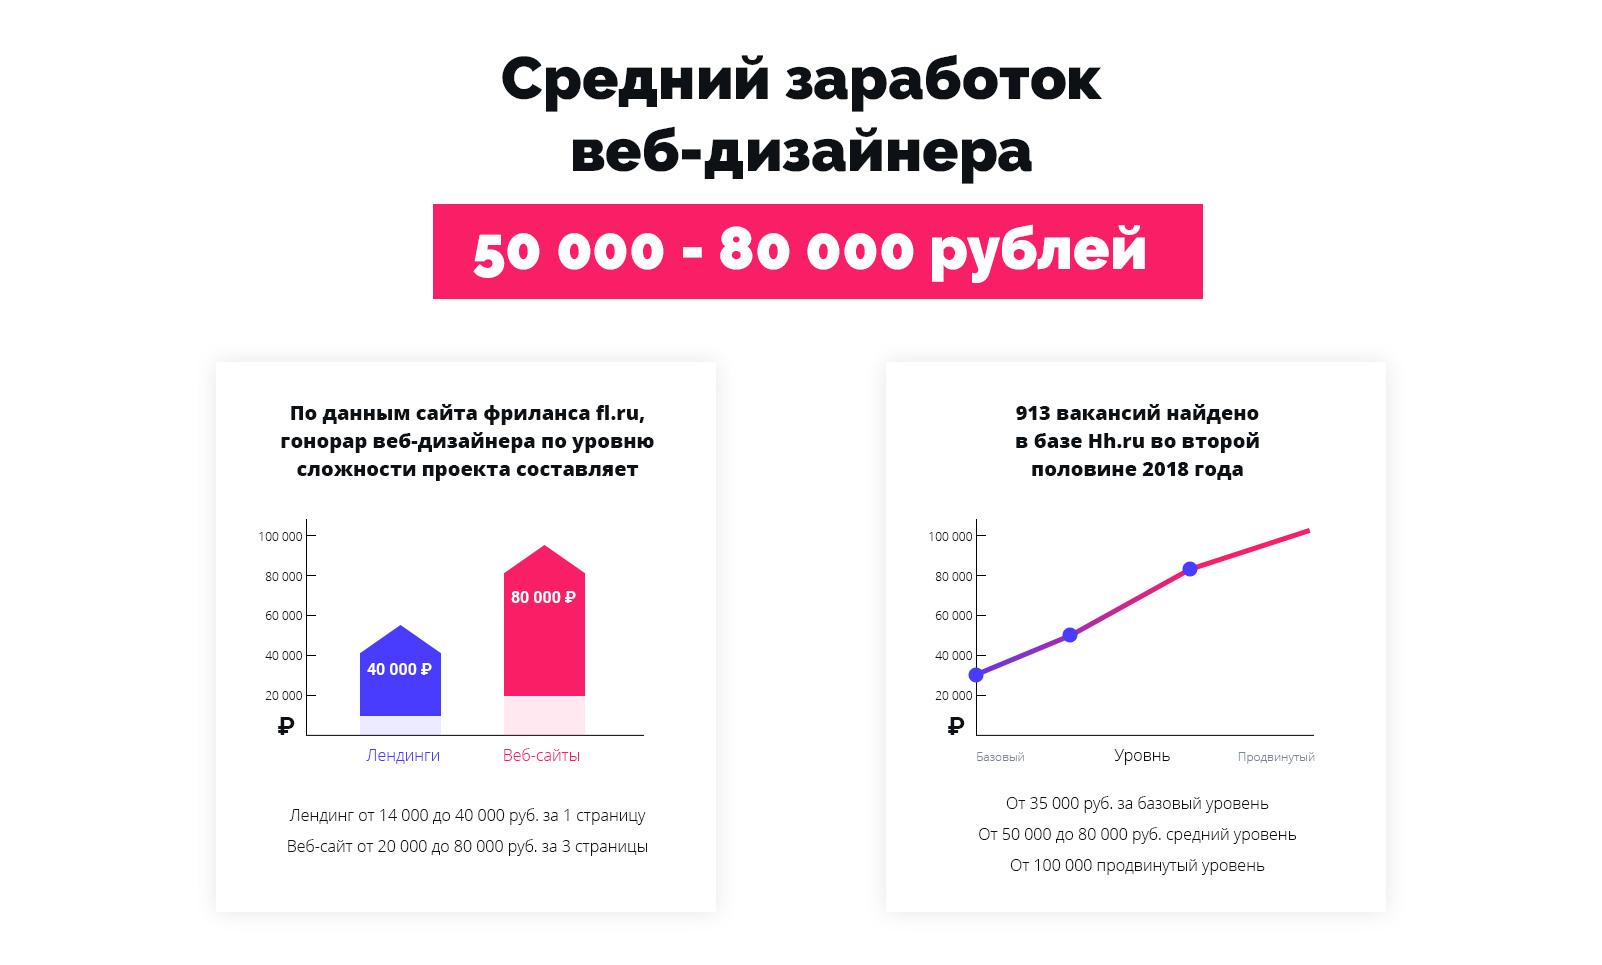 Сколько зарабатывает веб дизайнер на фрилансе дизайн сайта фрилансера